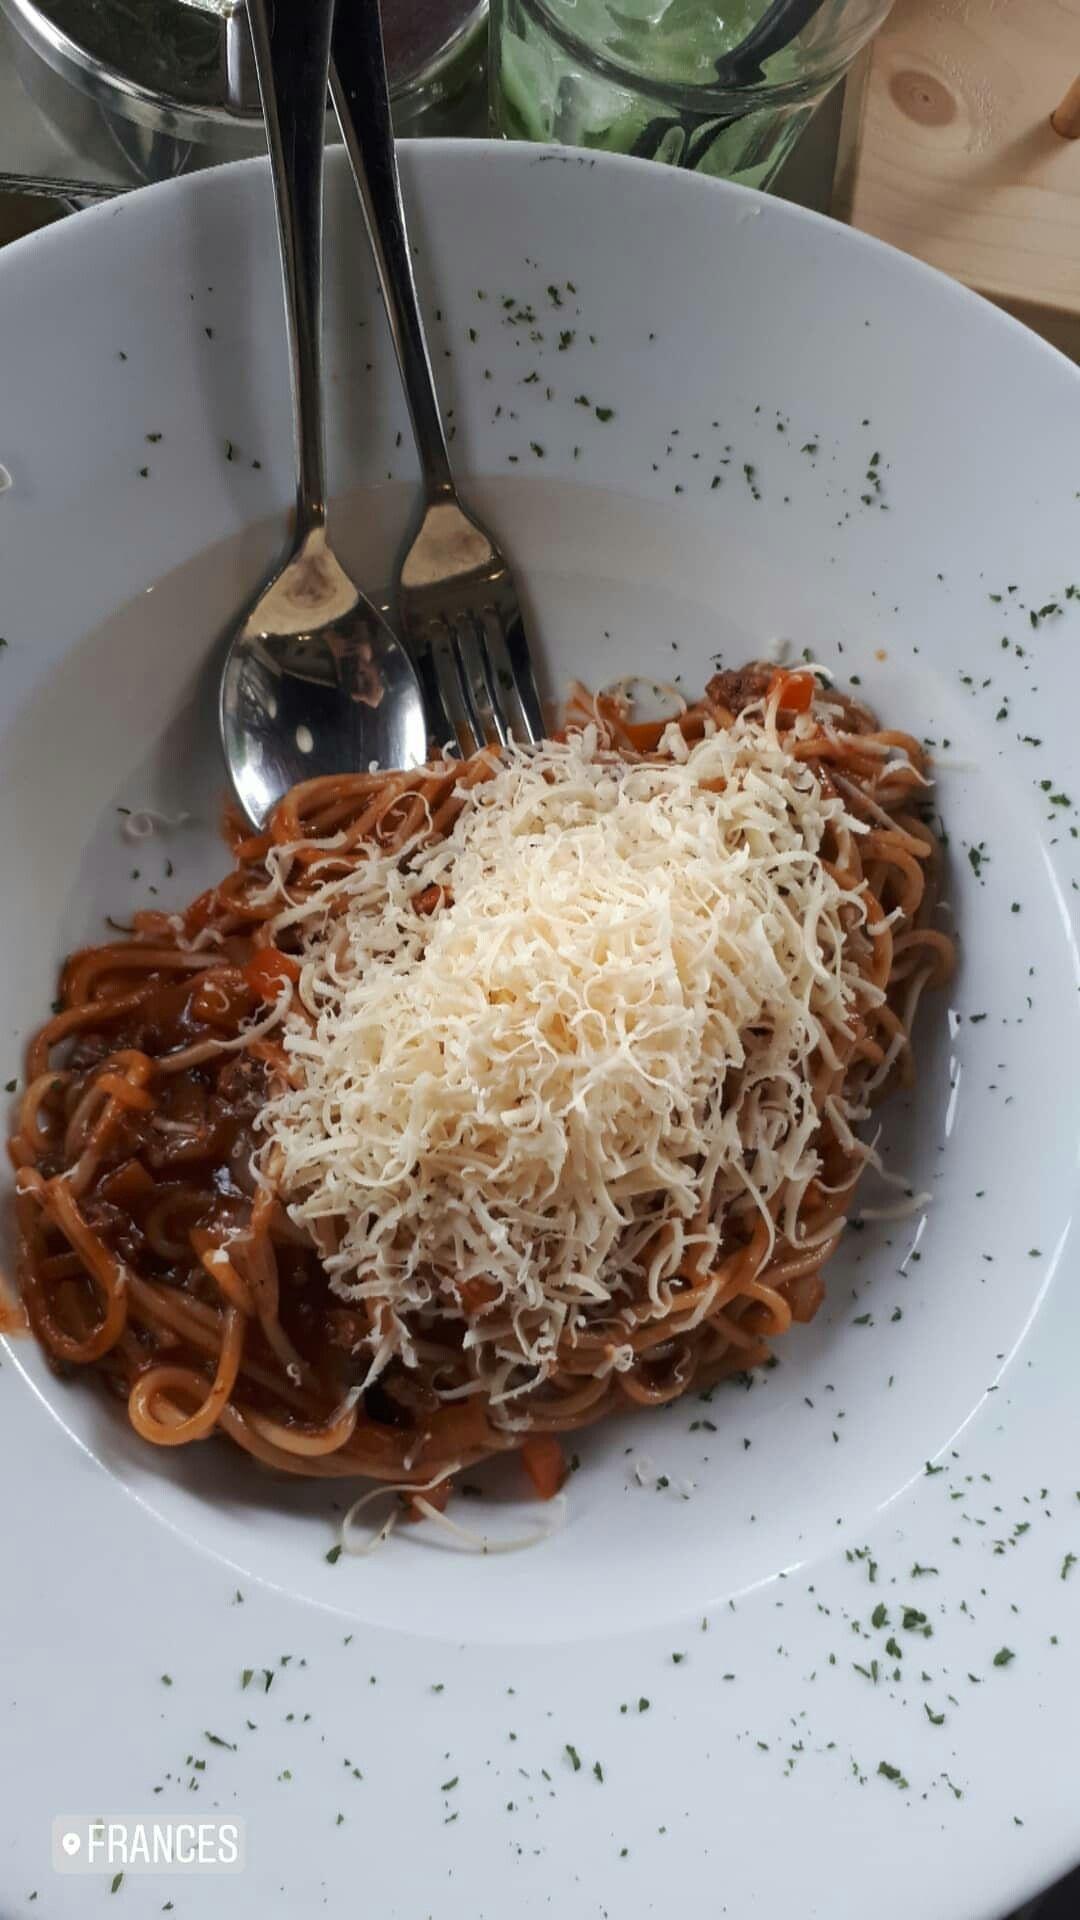 Pin Oleh Bruna Anjos Di Food My Mood Fotografi Makanan Makanan Makanan Minuman